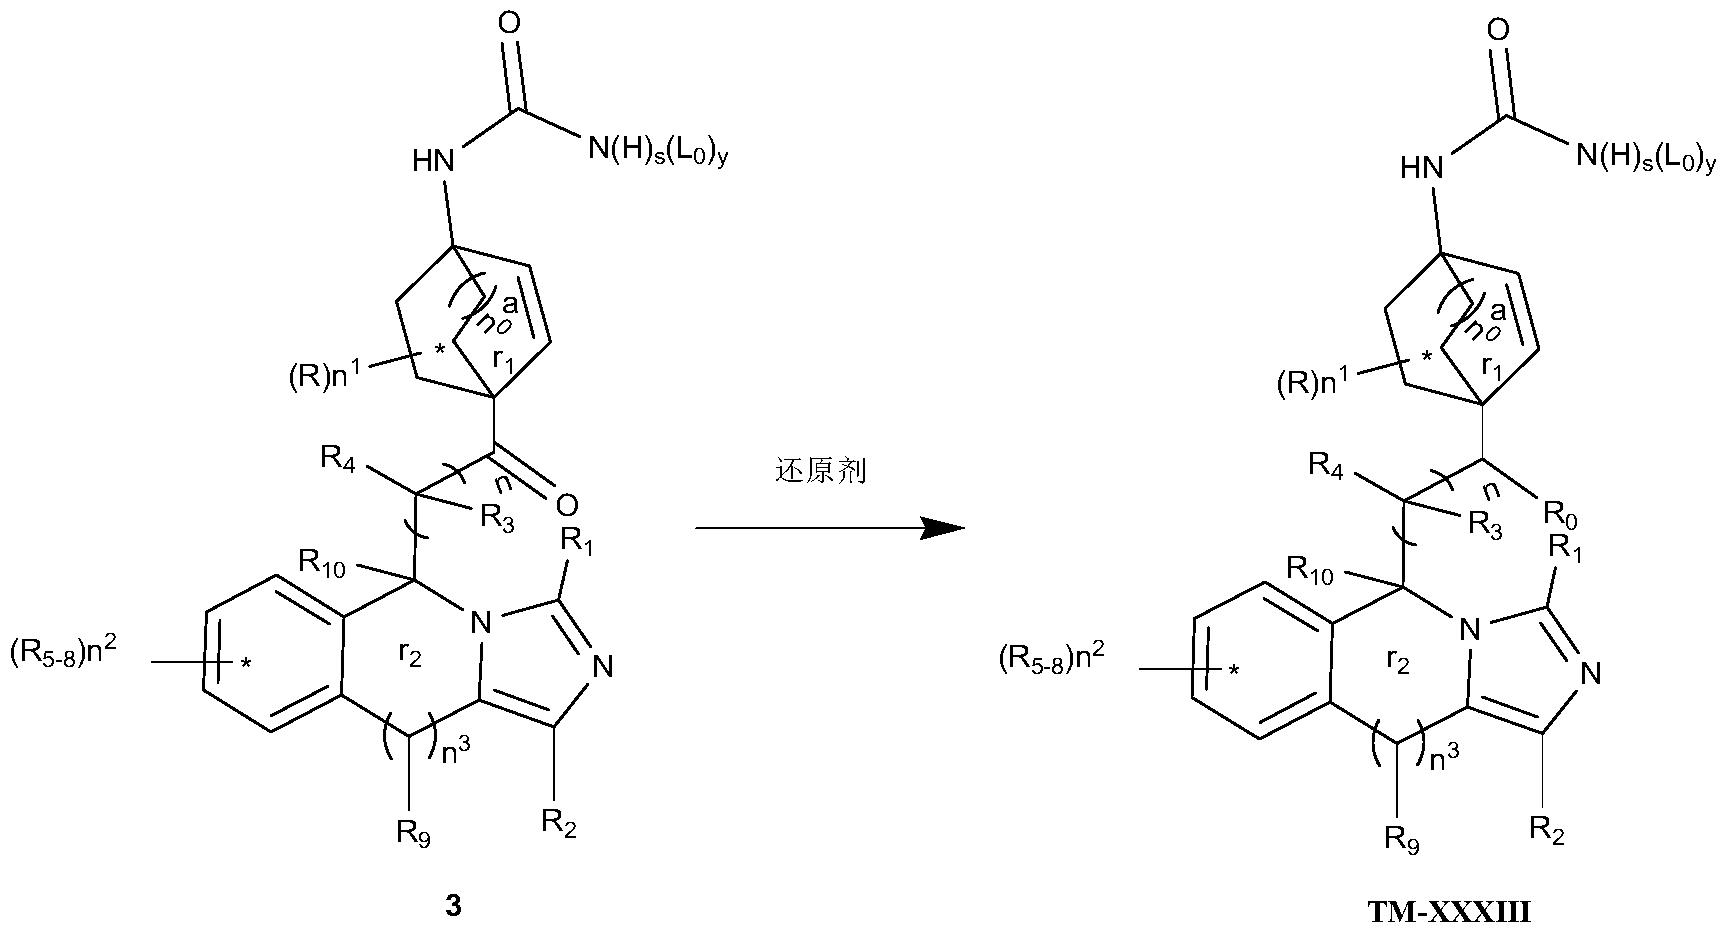 Figure PCTCN2017084604-appb-100049